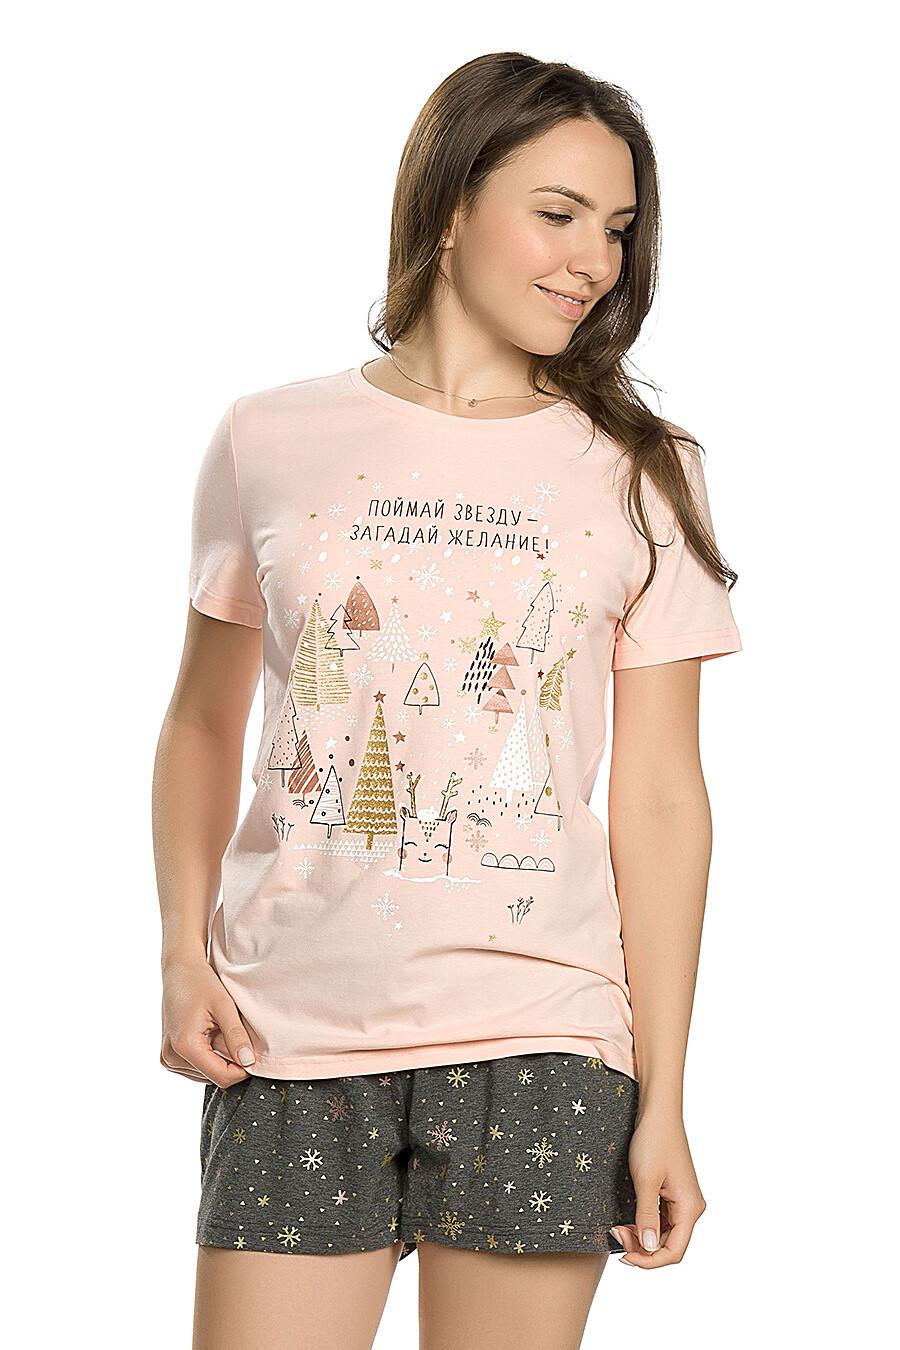 Комплект для женщин PELICAN 161459 купить оптом от производителя. Совместная покупка женской одежды в OptMoyo